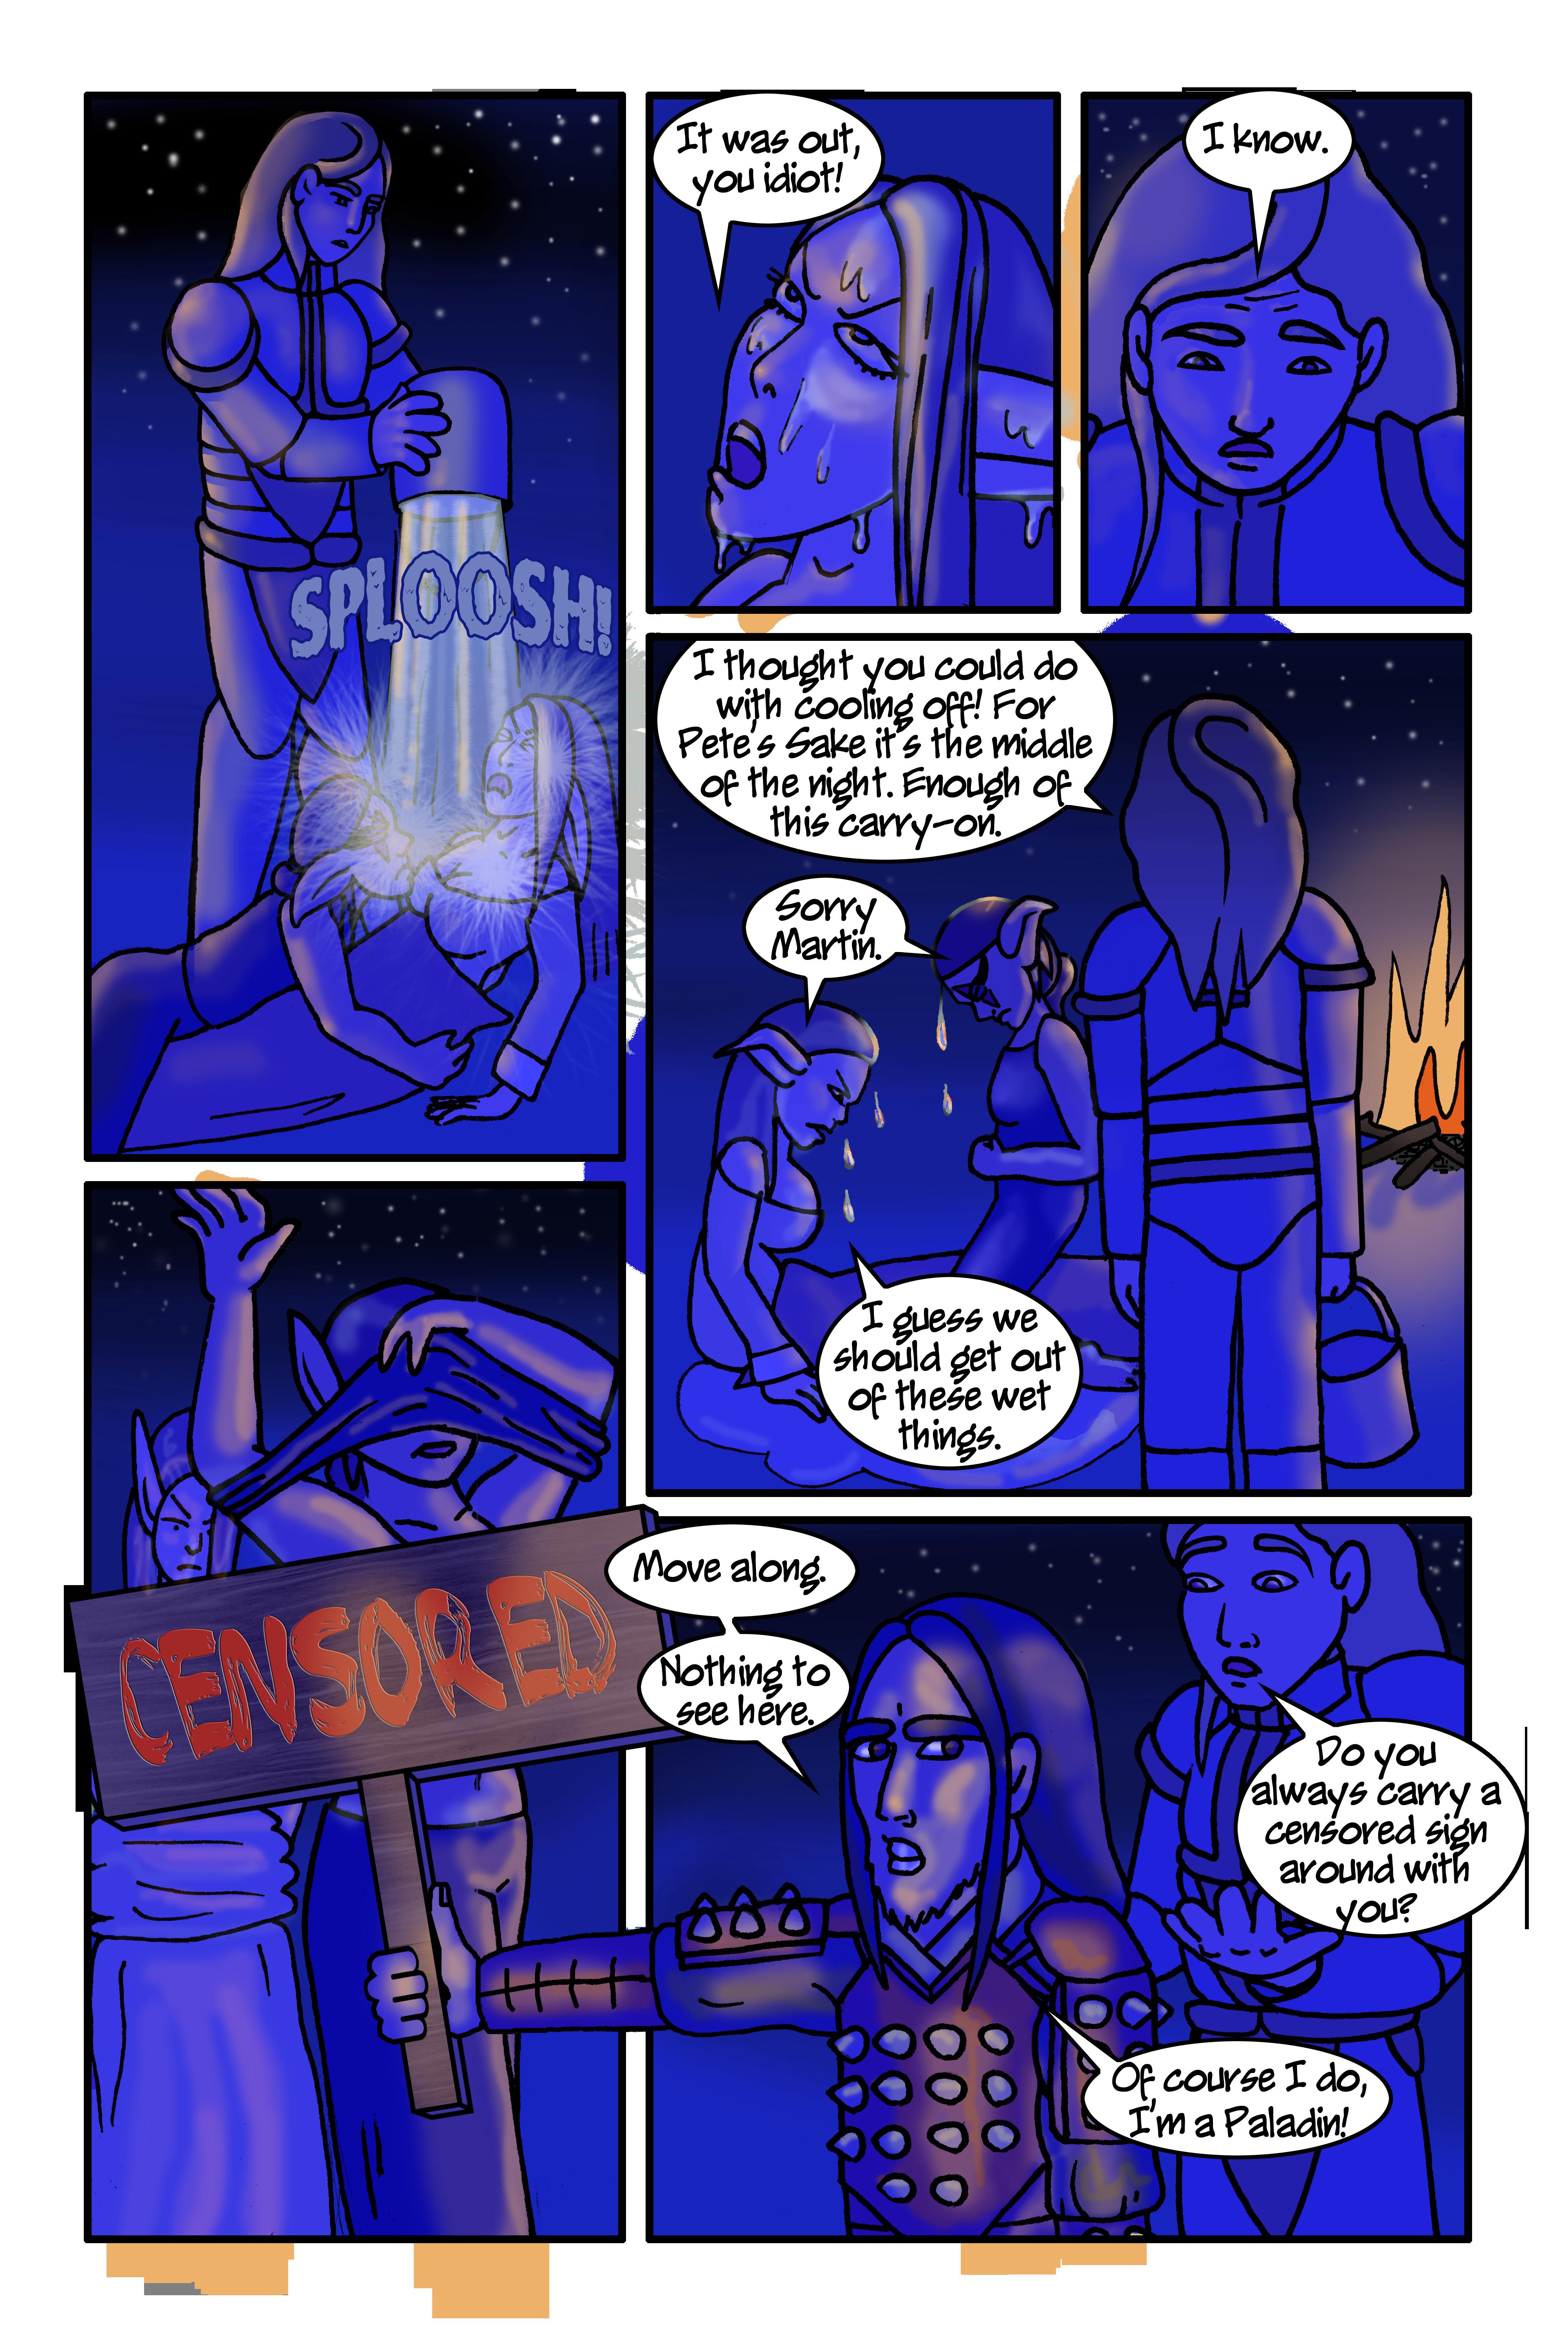 Pg 74: Censorship